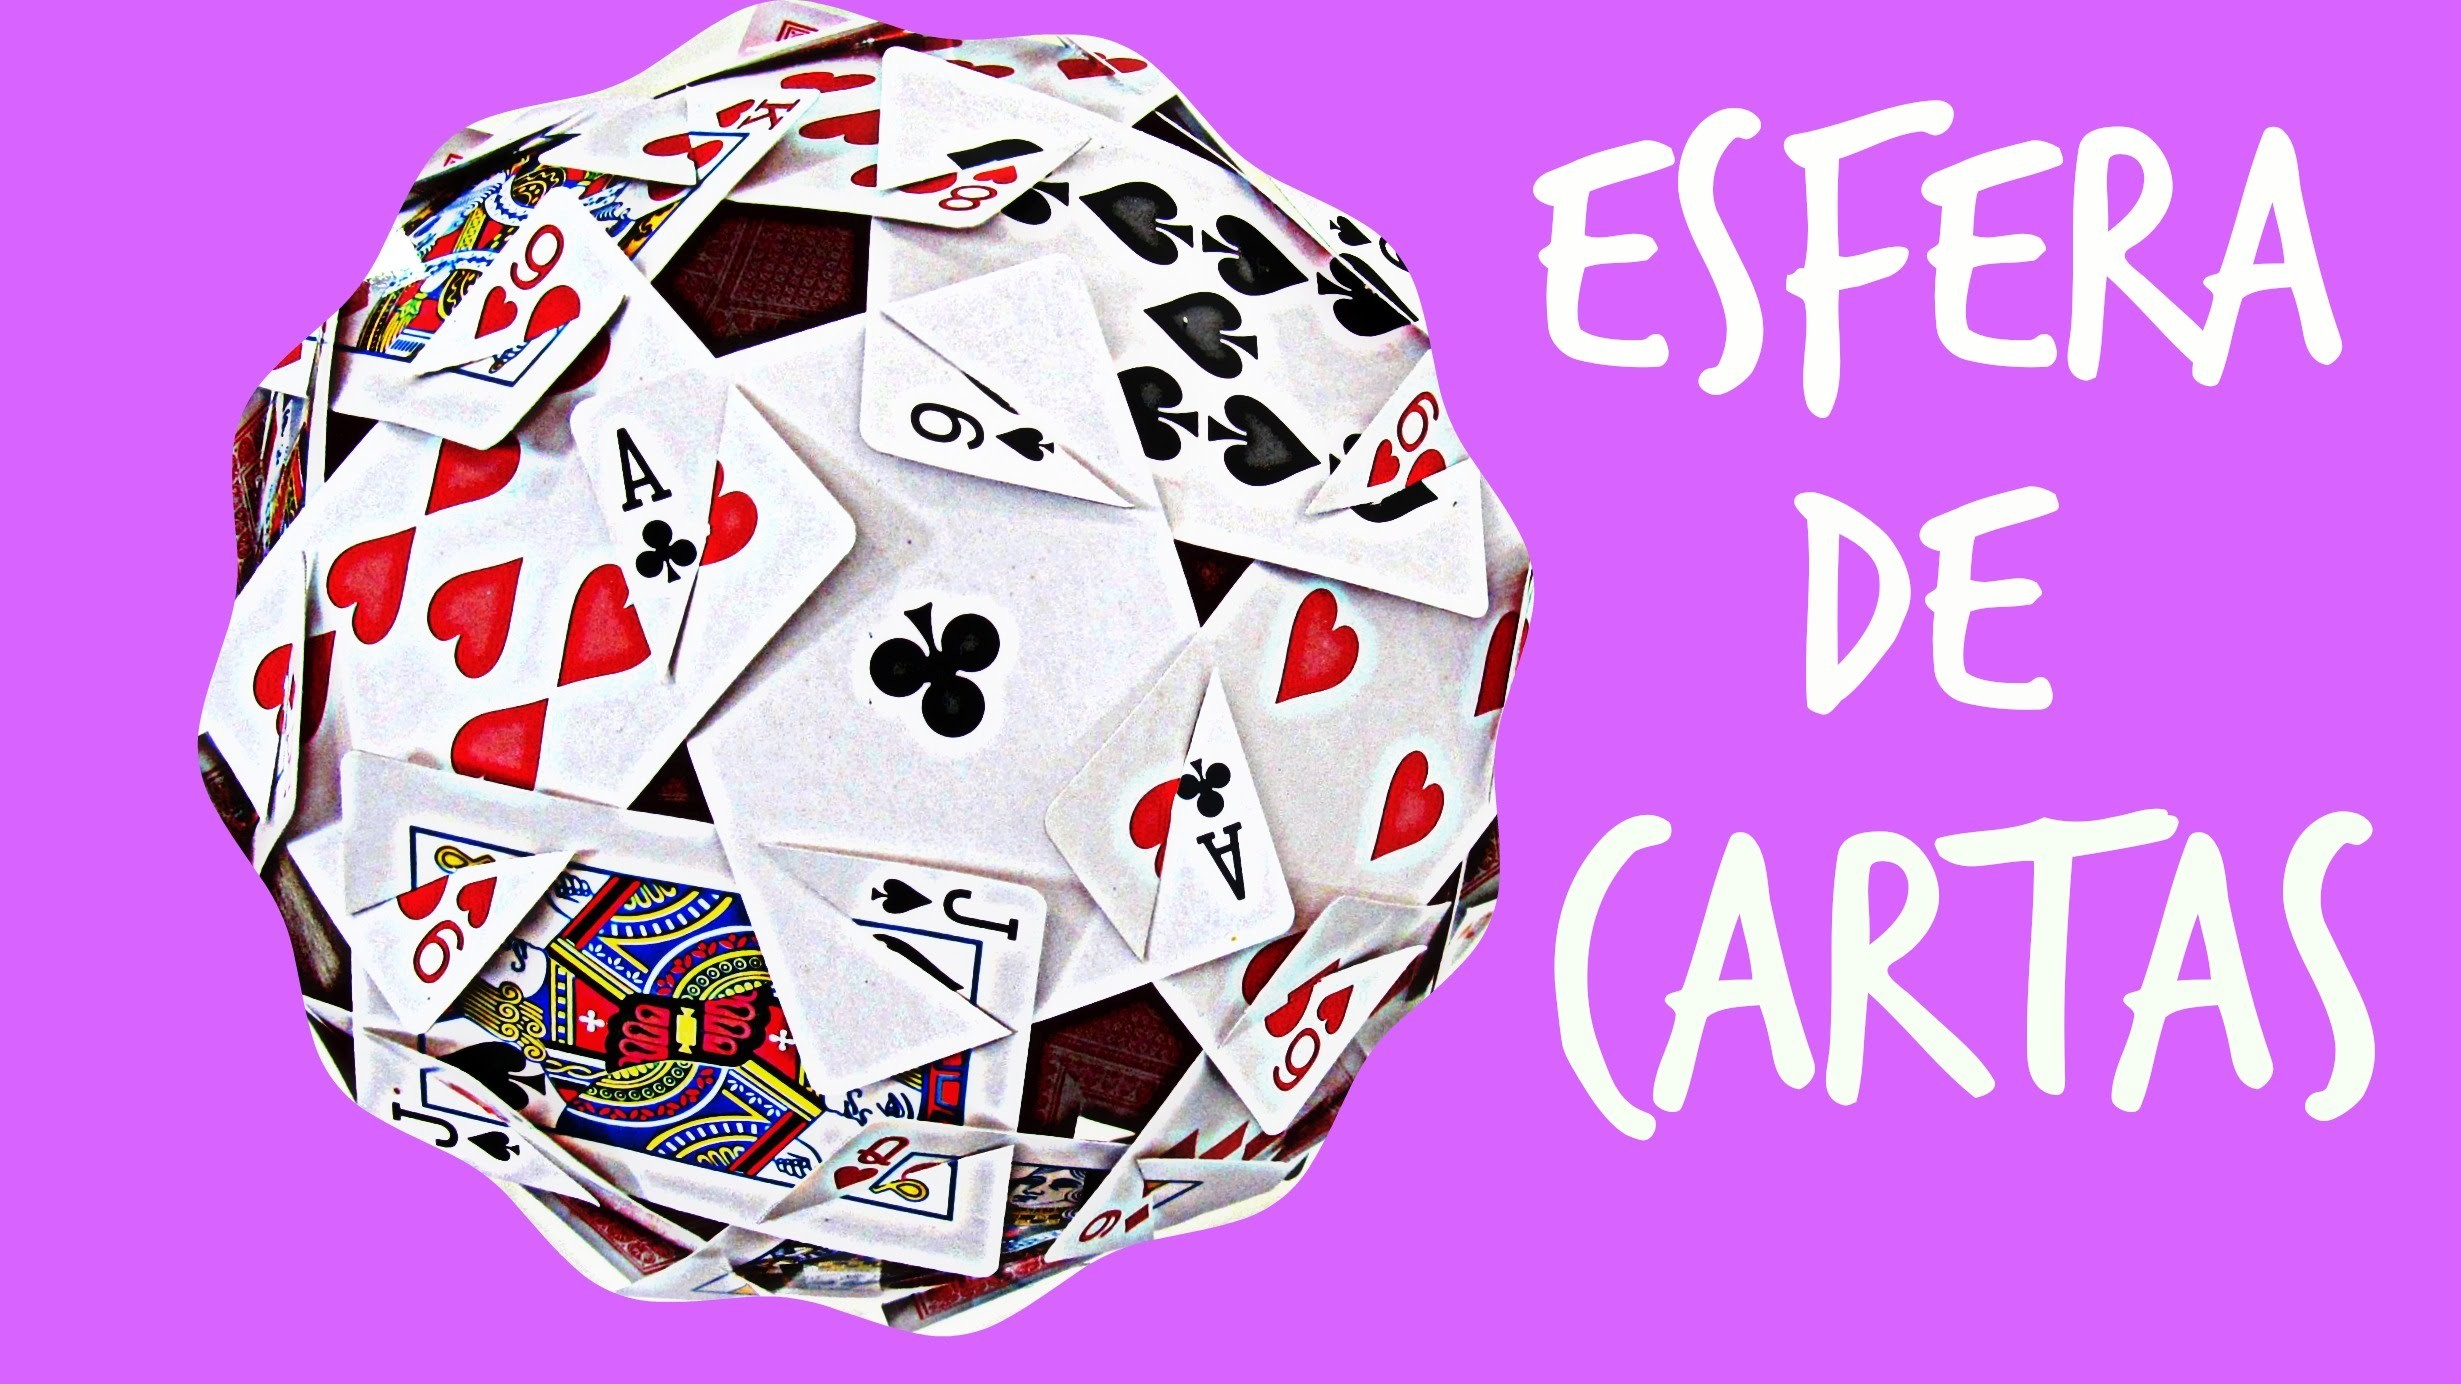 Cómo hacer una esfera con cartas. How to make a sphere with cards.